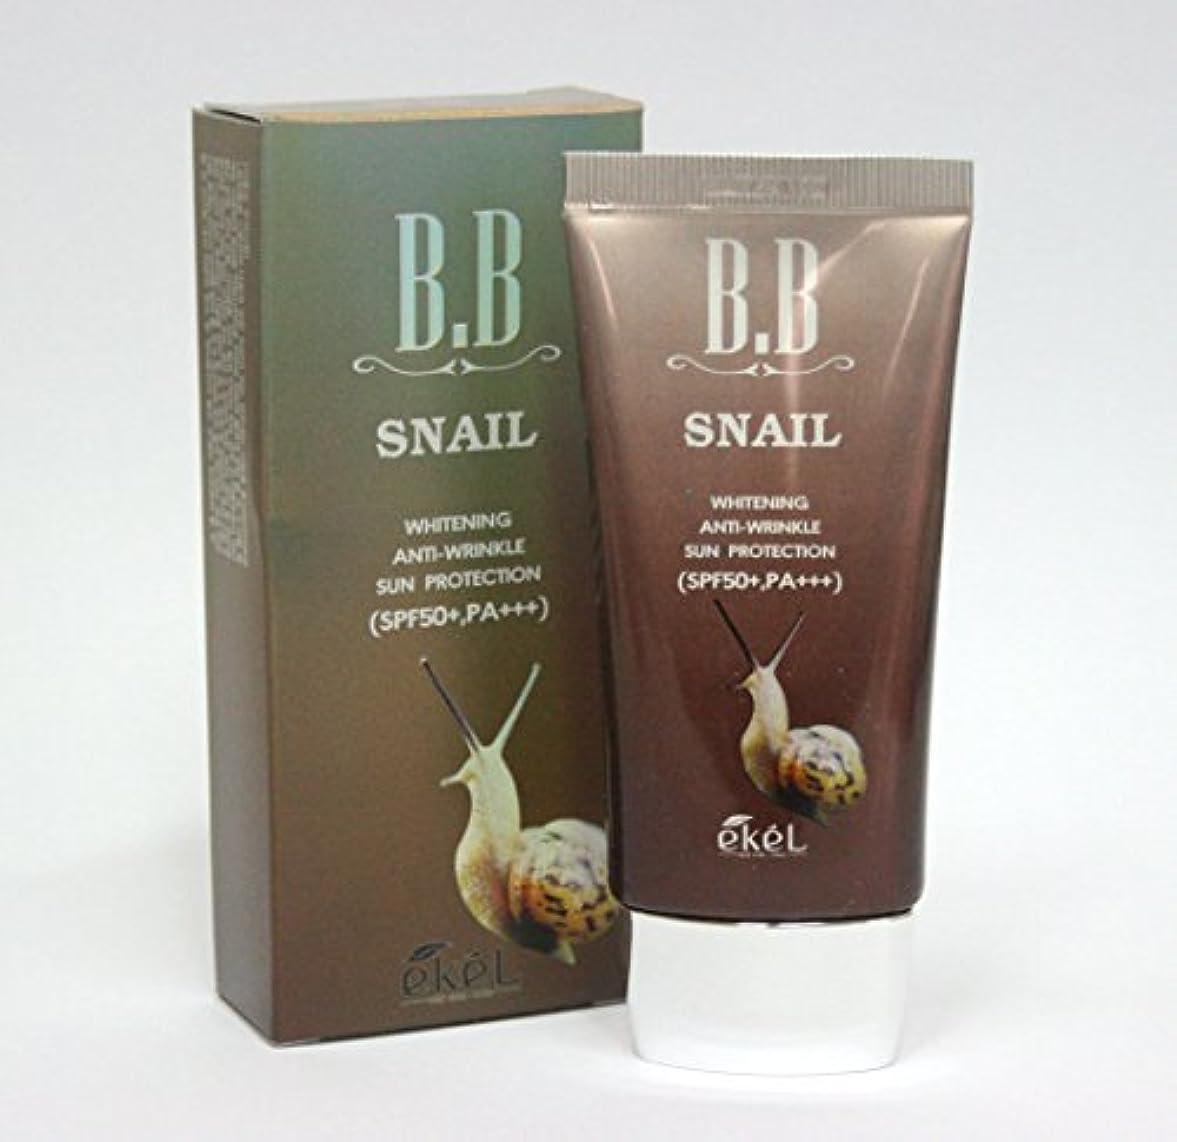 合併症バリケード助手[Ekel] カタツムリBBクリーム50ml / ホワイトニング , SPF50 + PA +++ / 韓国化粧品 / Snail BB Cream 50ml / Whitening, SPF50+ PA+++ / Korea Cosmetics [並行輸入品]